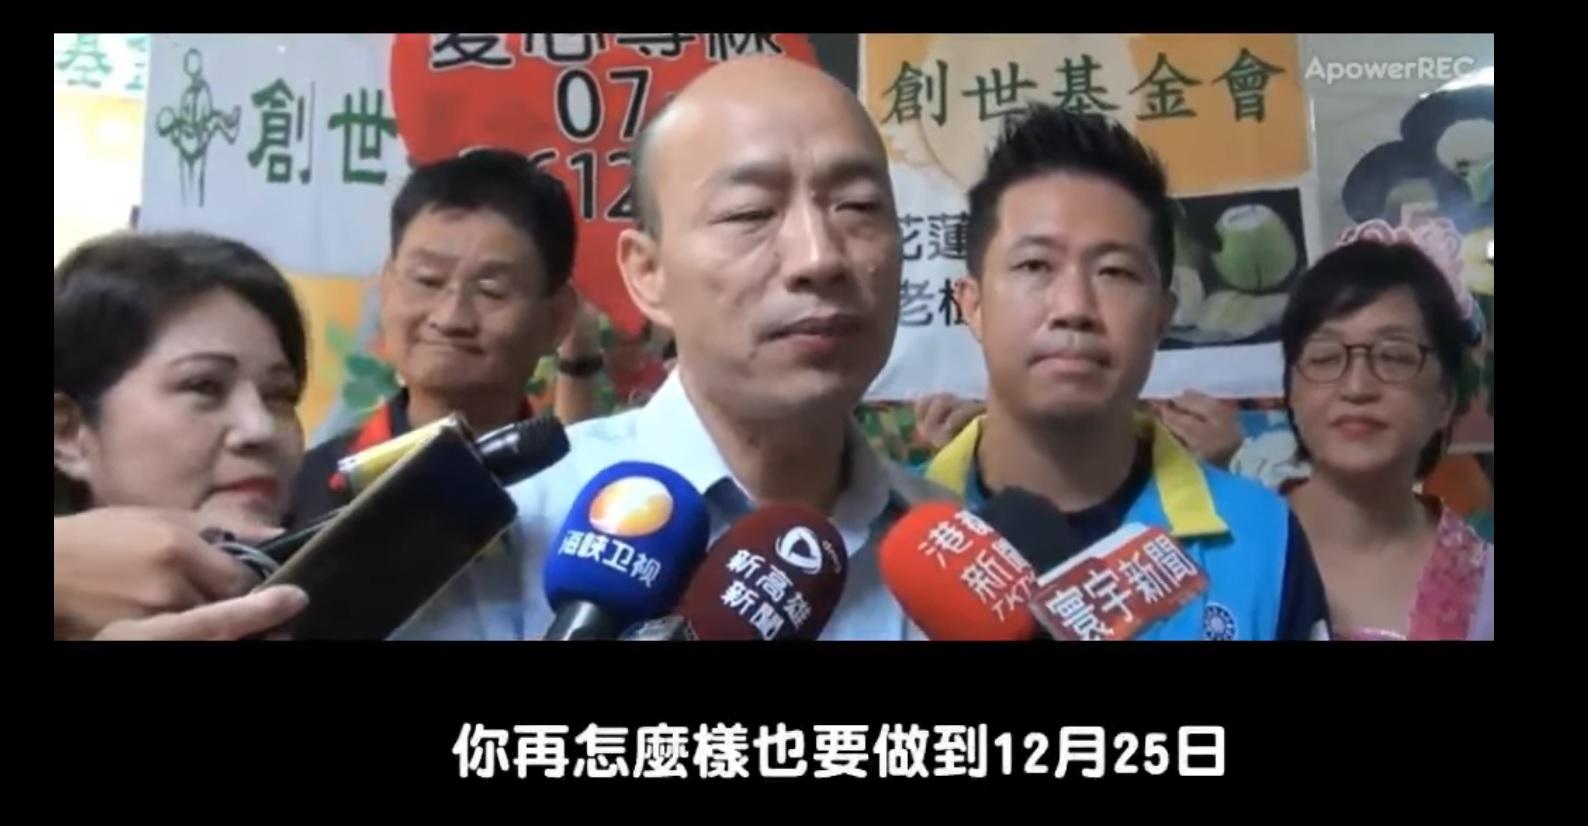 韓國瑜是怎麼罵陳菊是「落跑市長」的